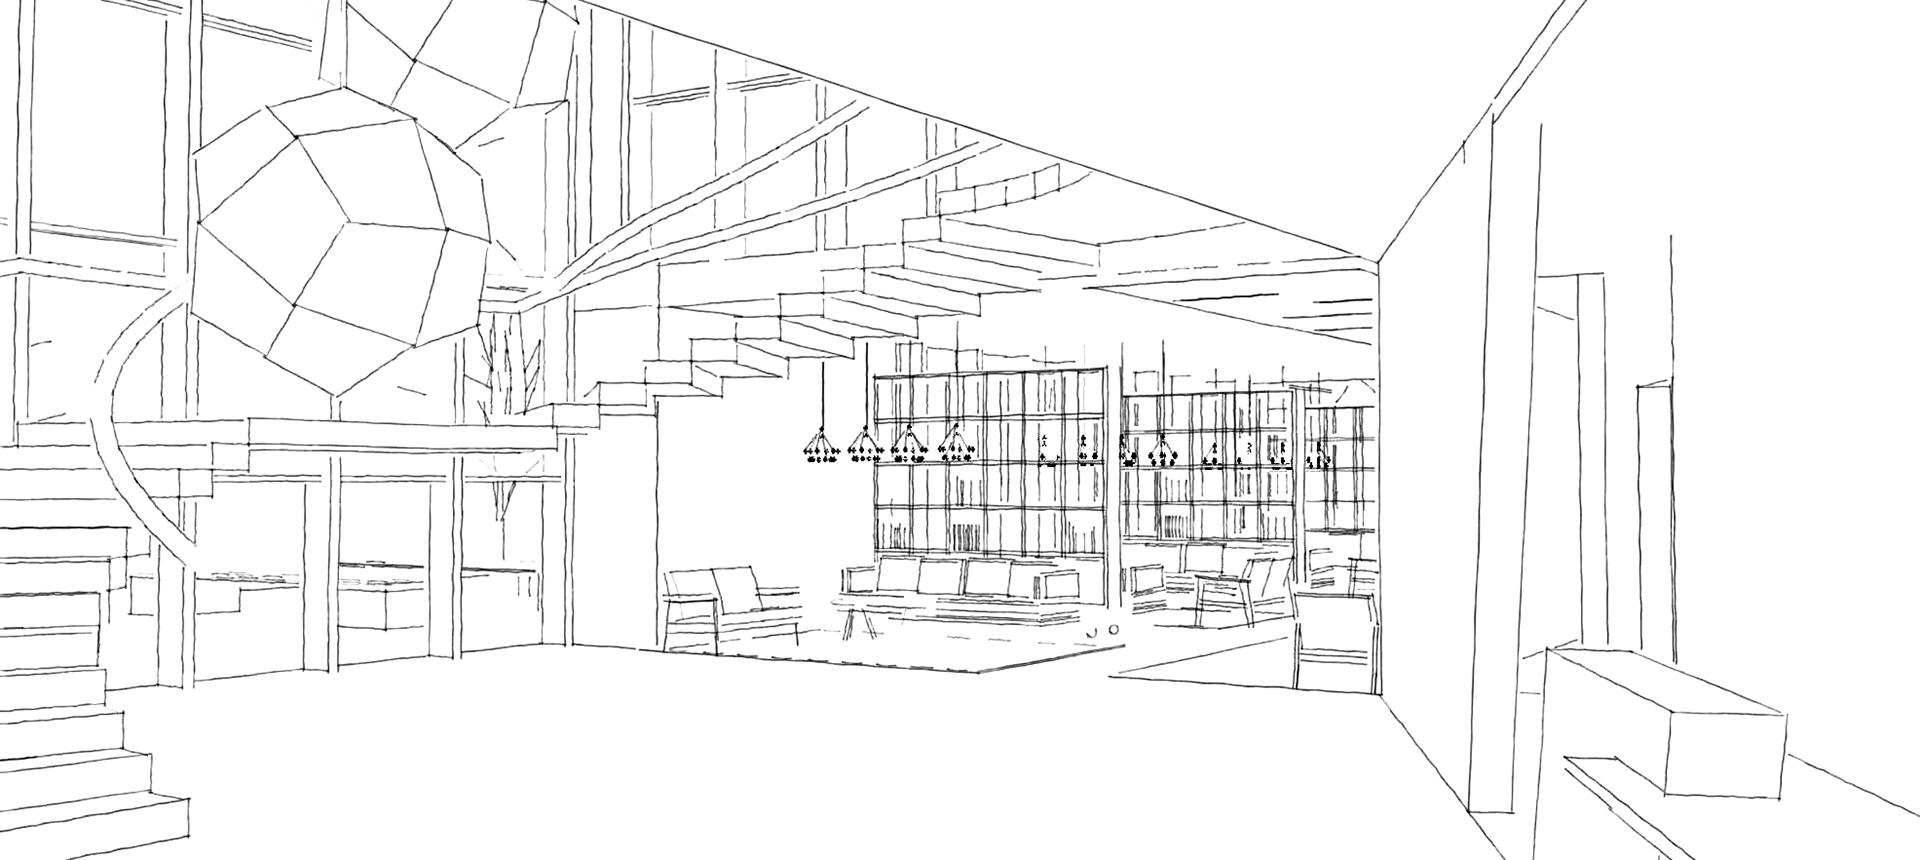 First street interior sketch